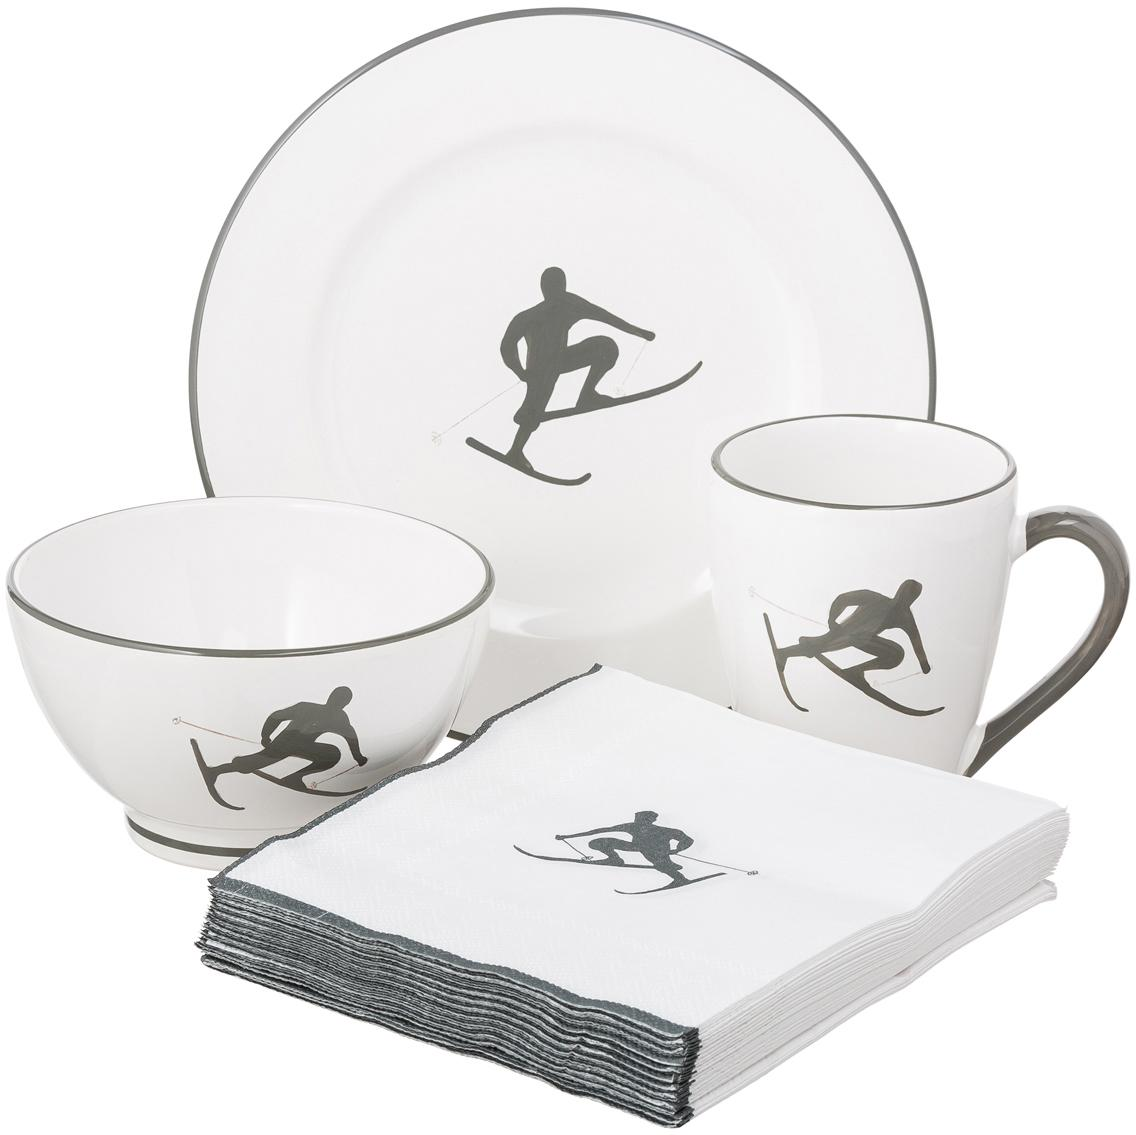 Servizio da colazione dipinto a mano  Toni 4 pz, Ceramica, Grigio, bianco, Set in varie misure